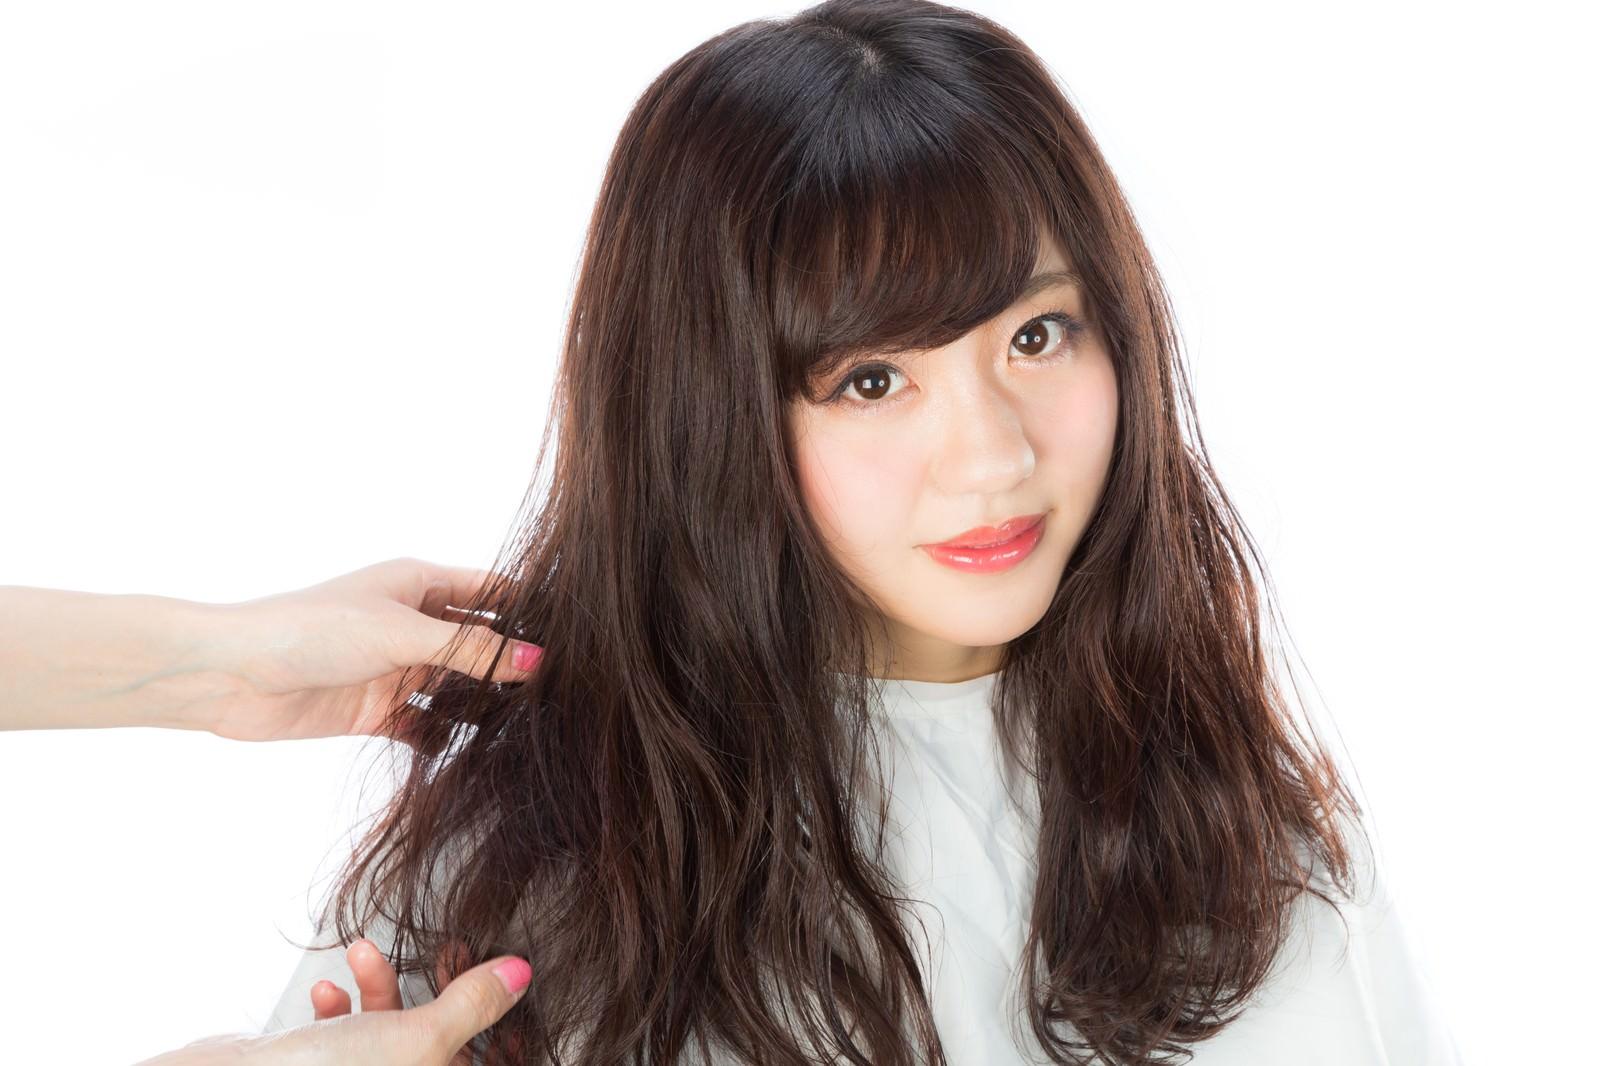 「巻いた髪に整髪剤をつける巻いた髪に整髪剤をつける」[モデル:河村友歌]のフリー写真素材を拡大